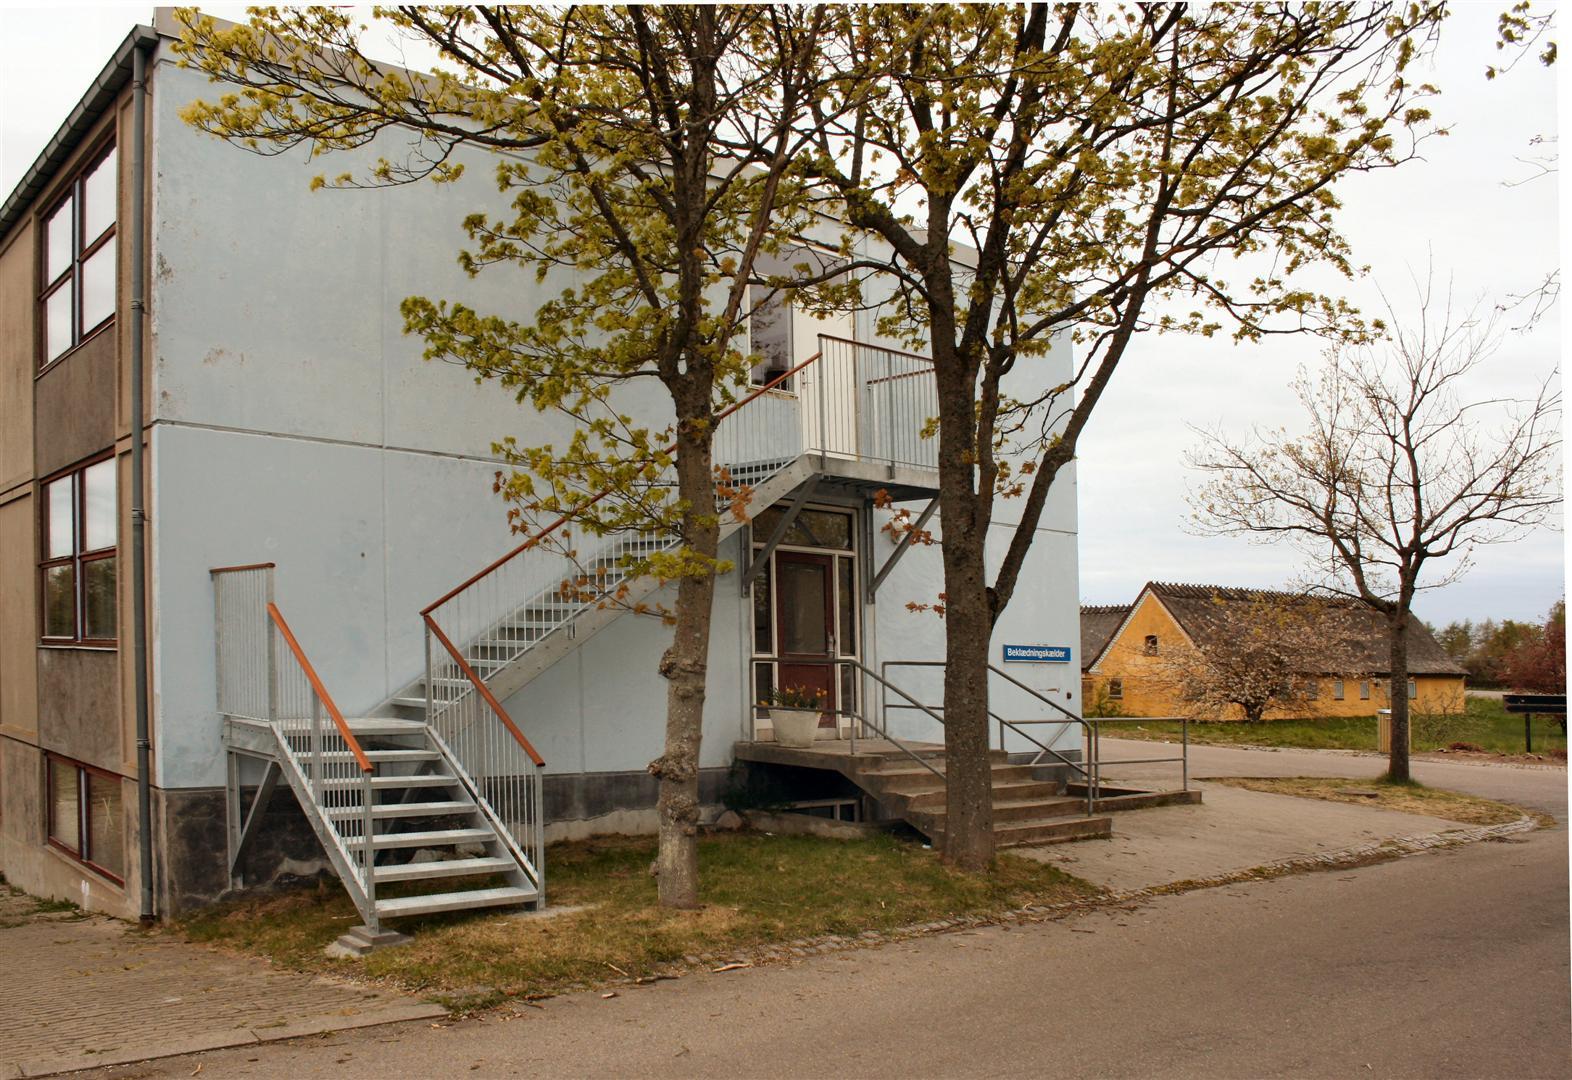 kvartsvingstrappe-staaltrappe-galvaniseret_4535